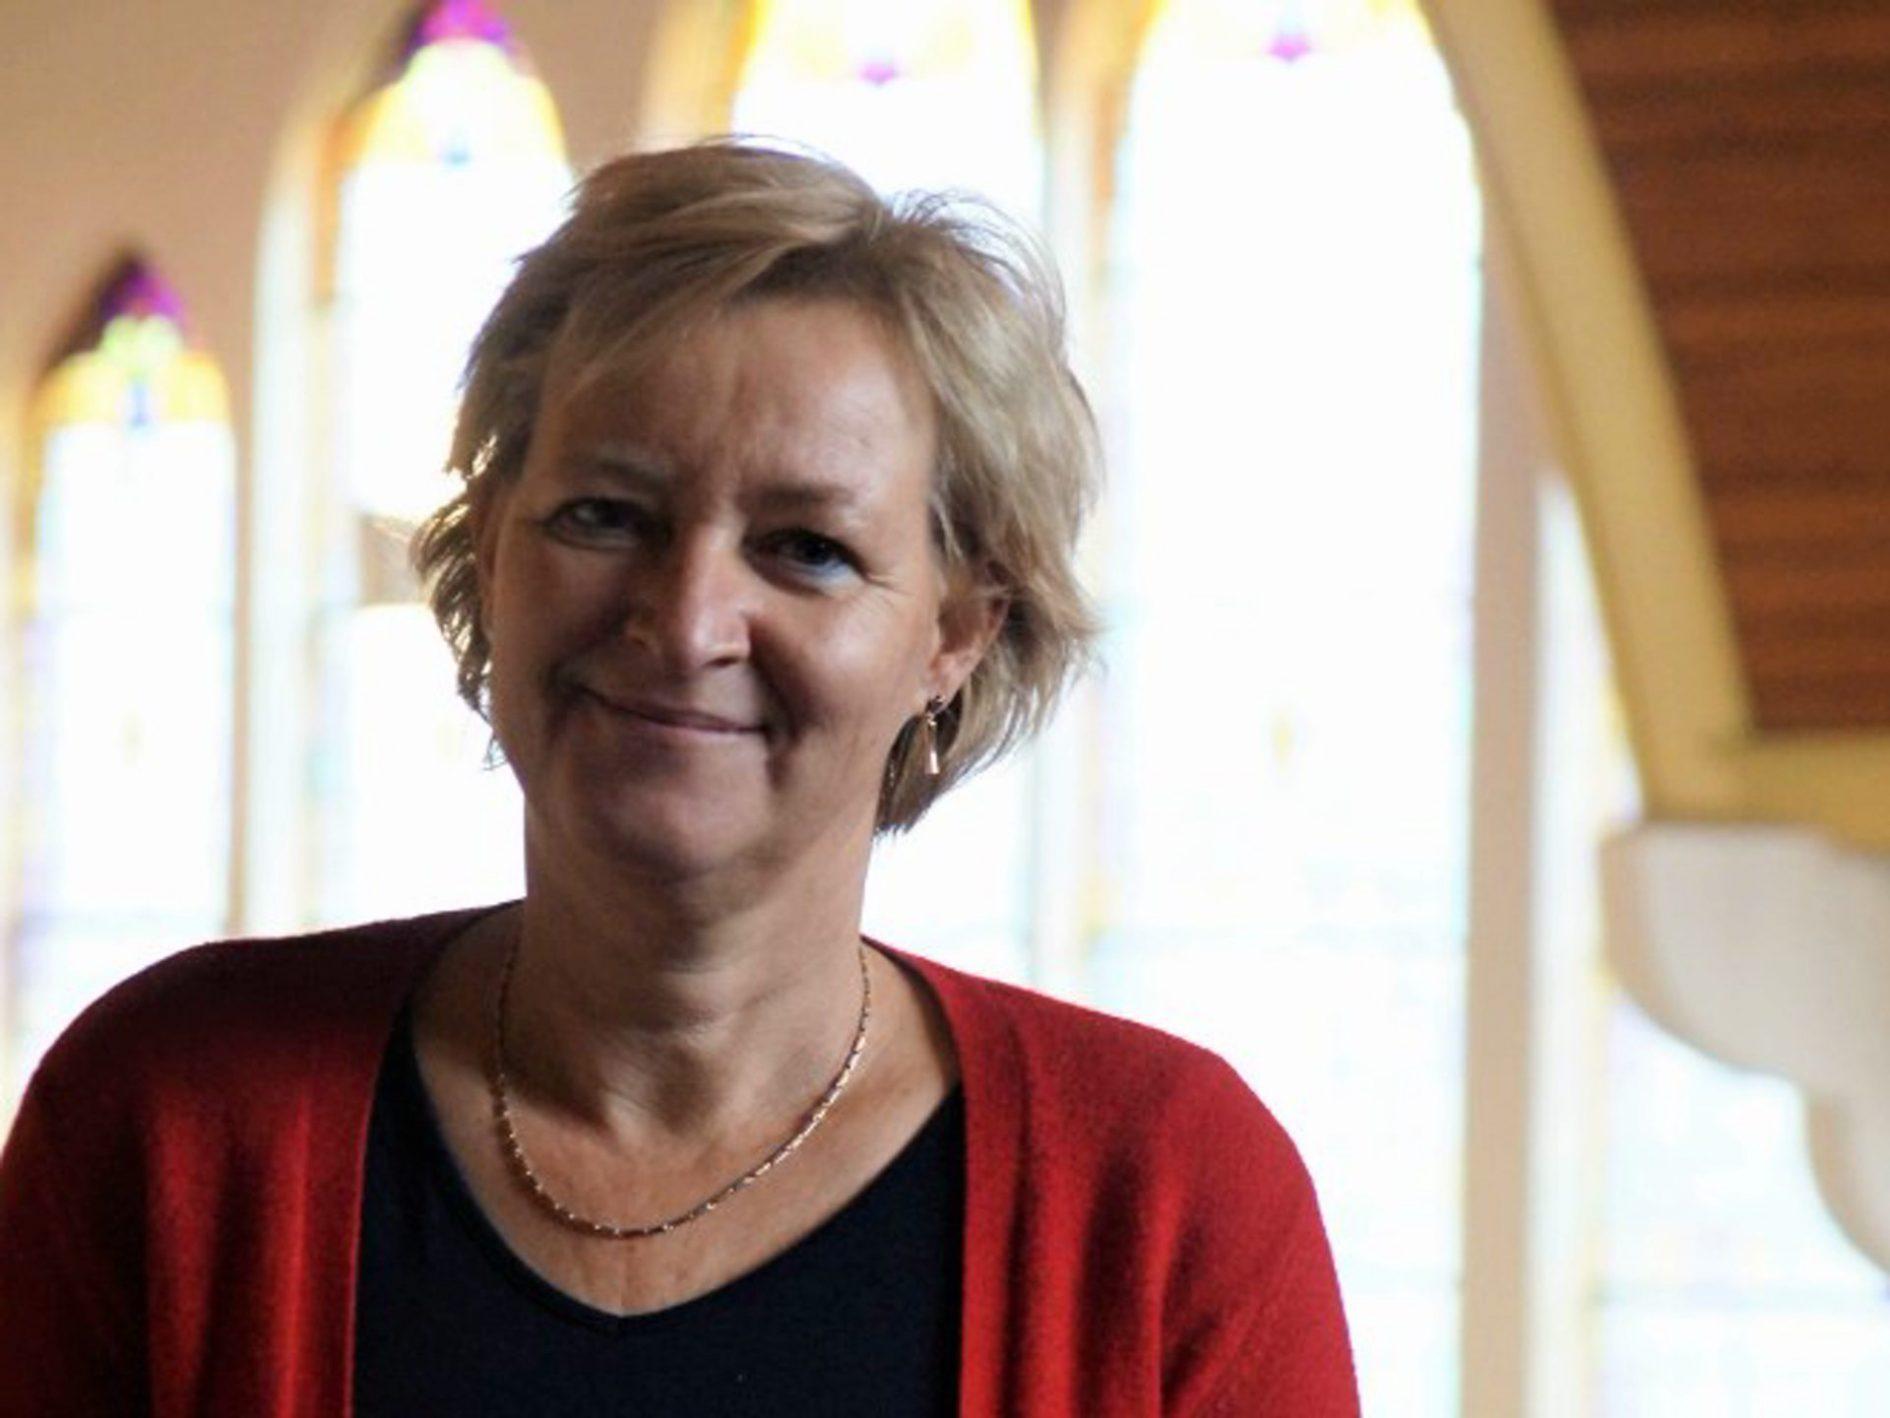 Zondag 2 december nemen we afscheid van onze wijkpredikant ds. Marianne Paas